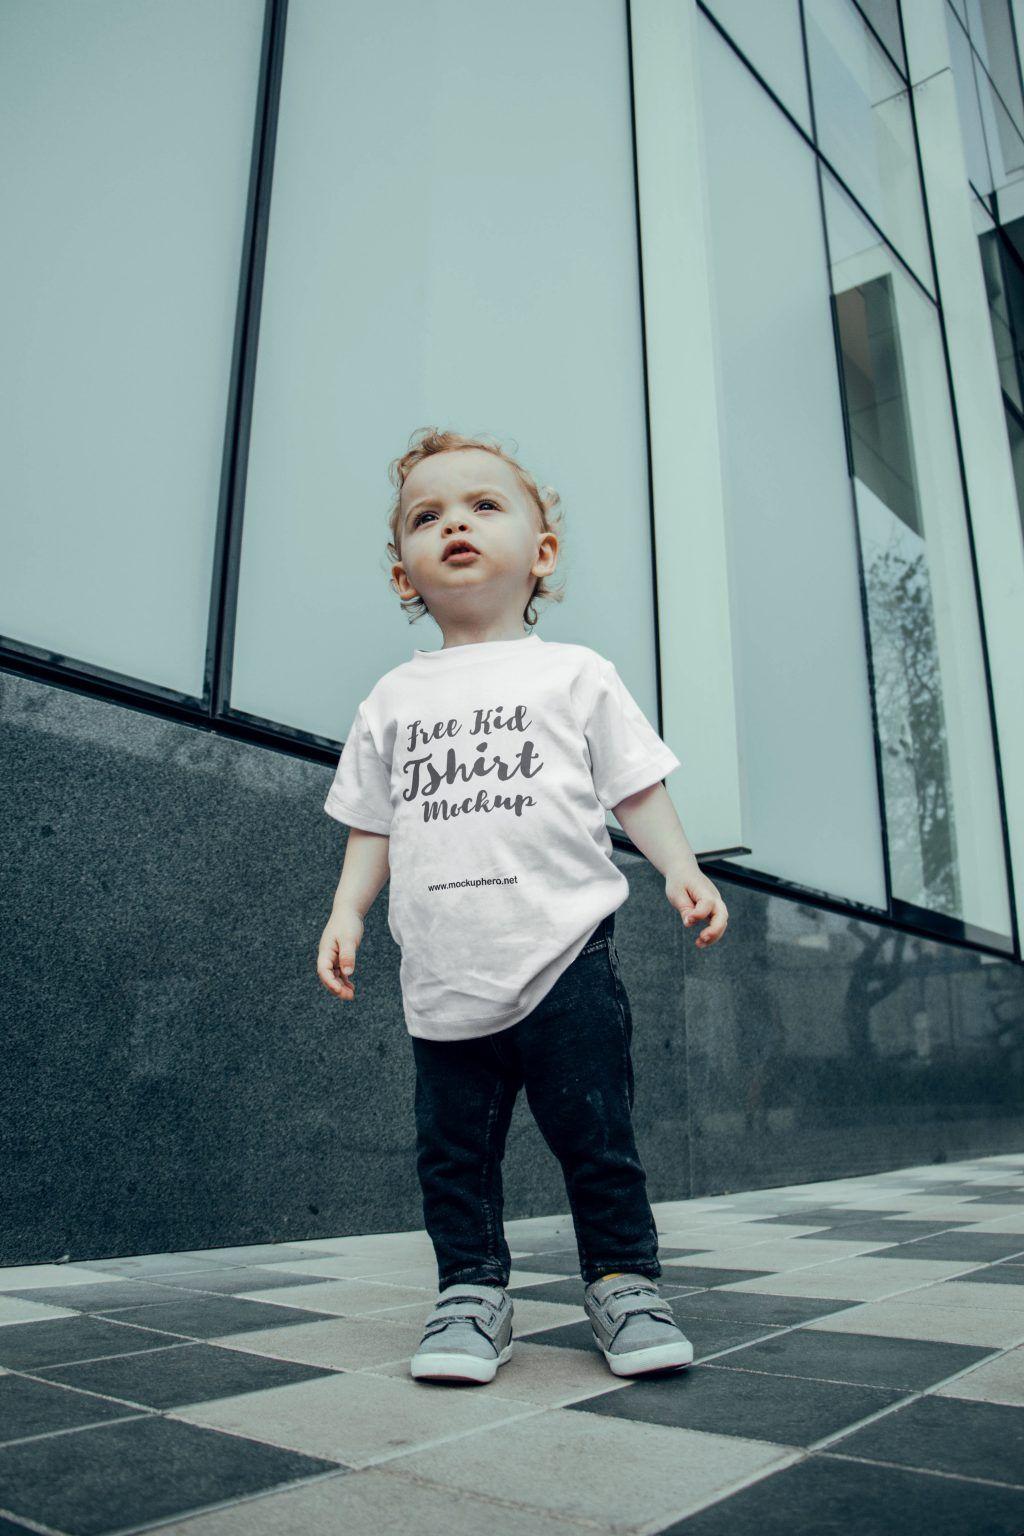 Download Free Young Kid T Shirt Mockup Mockuphero Shirt Mockup Kids Tshirts Tshirt Mockup